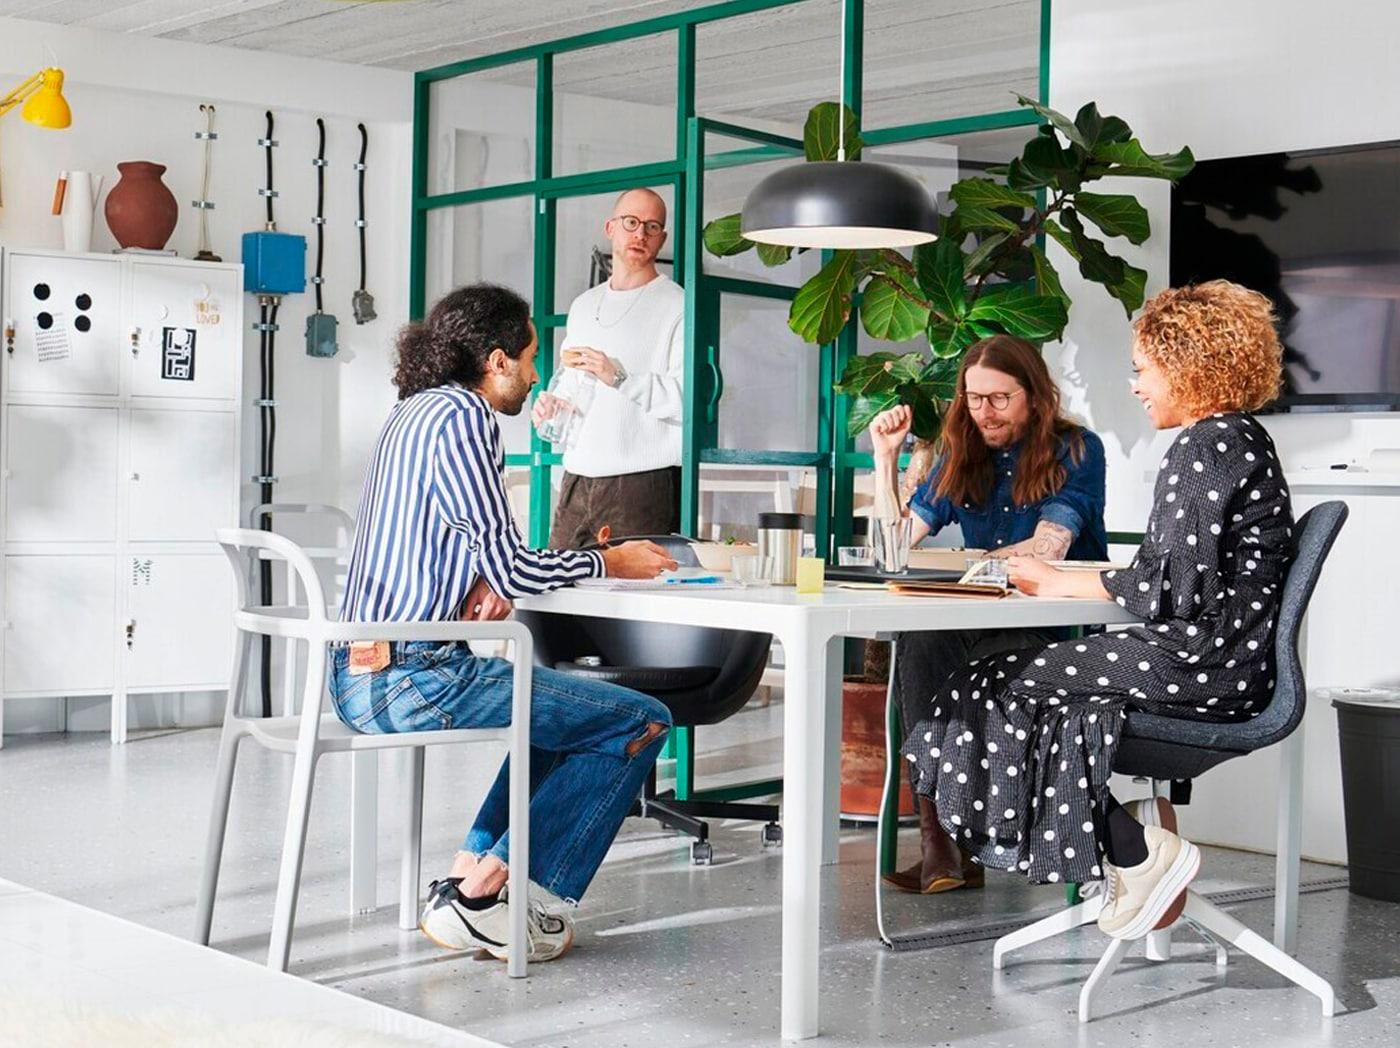 Traja ľudia, ktorí sedia za stolom a diskutujú